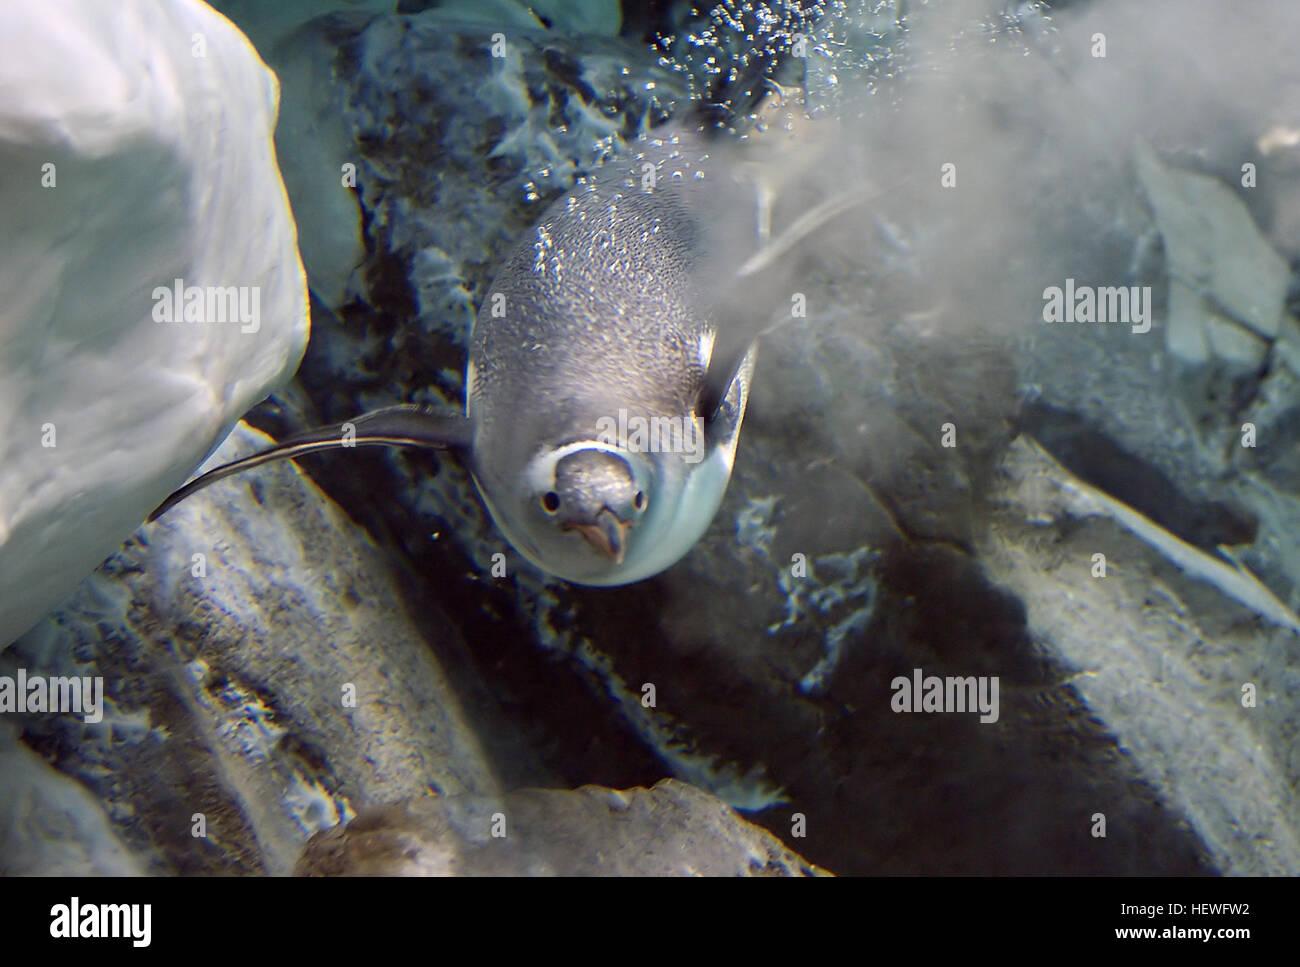 Las largas colas de pingüinos papúa (Pygoscelis papua) es una especie de pingüinos en el género Pygoscelis, más Foto de stock